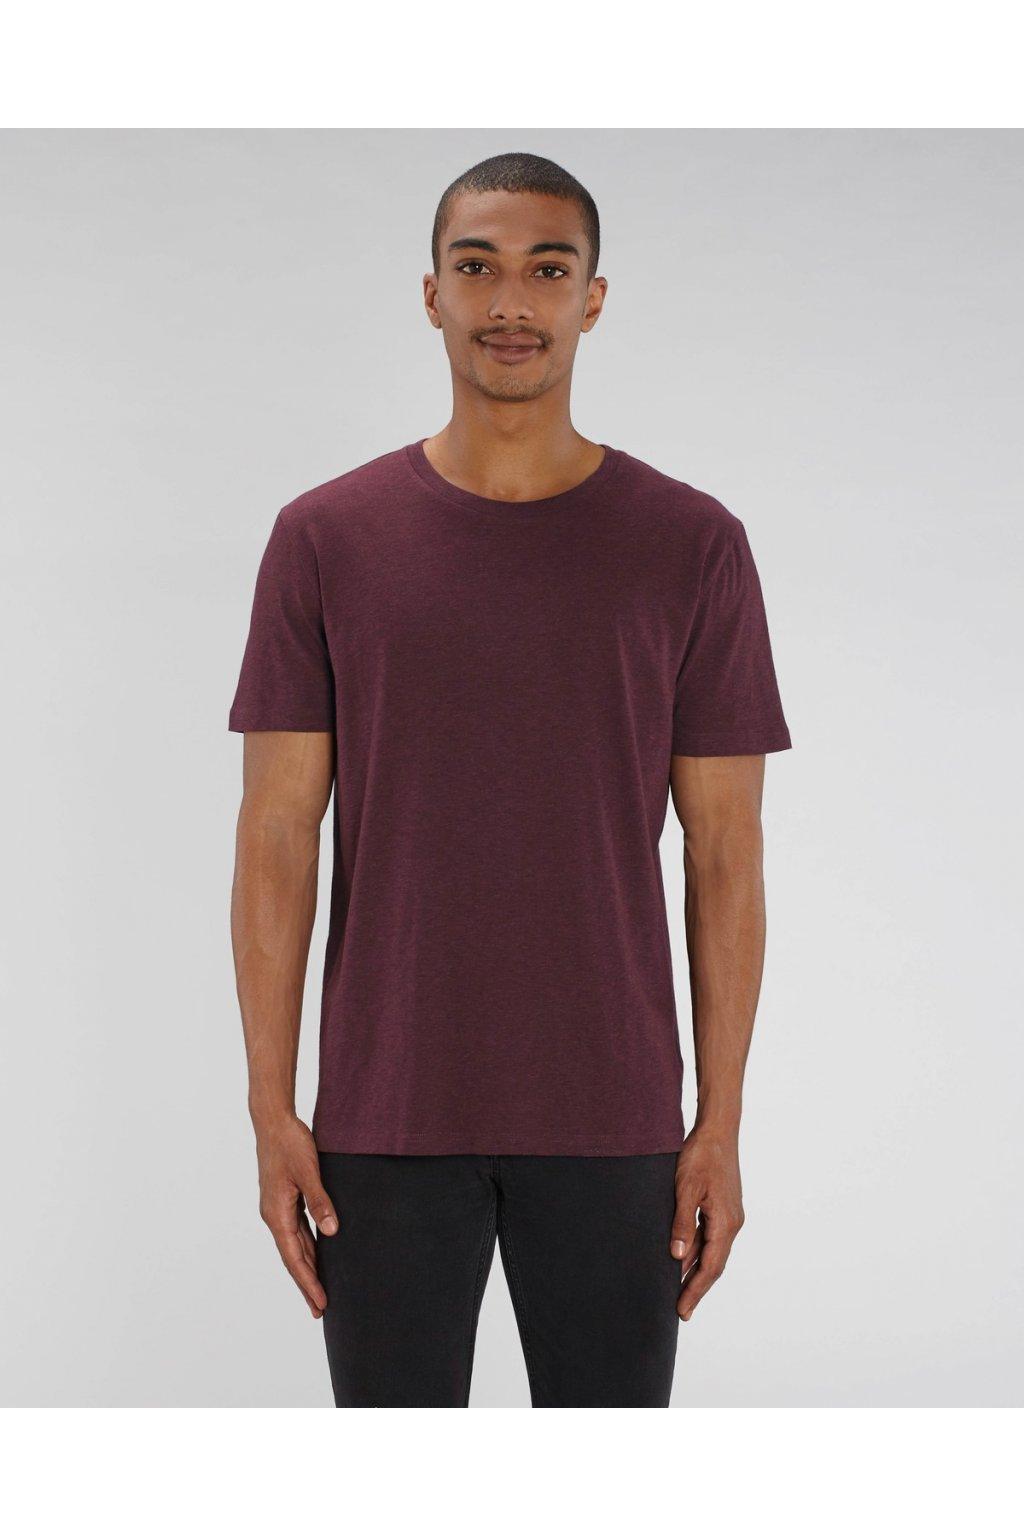 """Unisex tričko """"Creator"""" vínové melírované (Barva Vínová melírovaná """"Heather Grape Red"""", Velikost L)"""